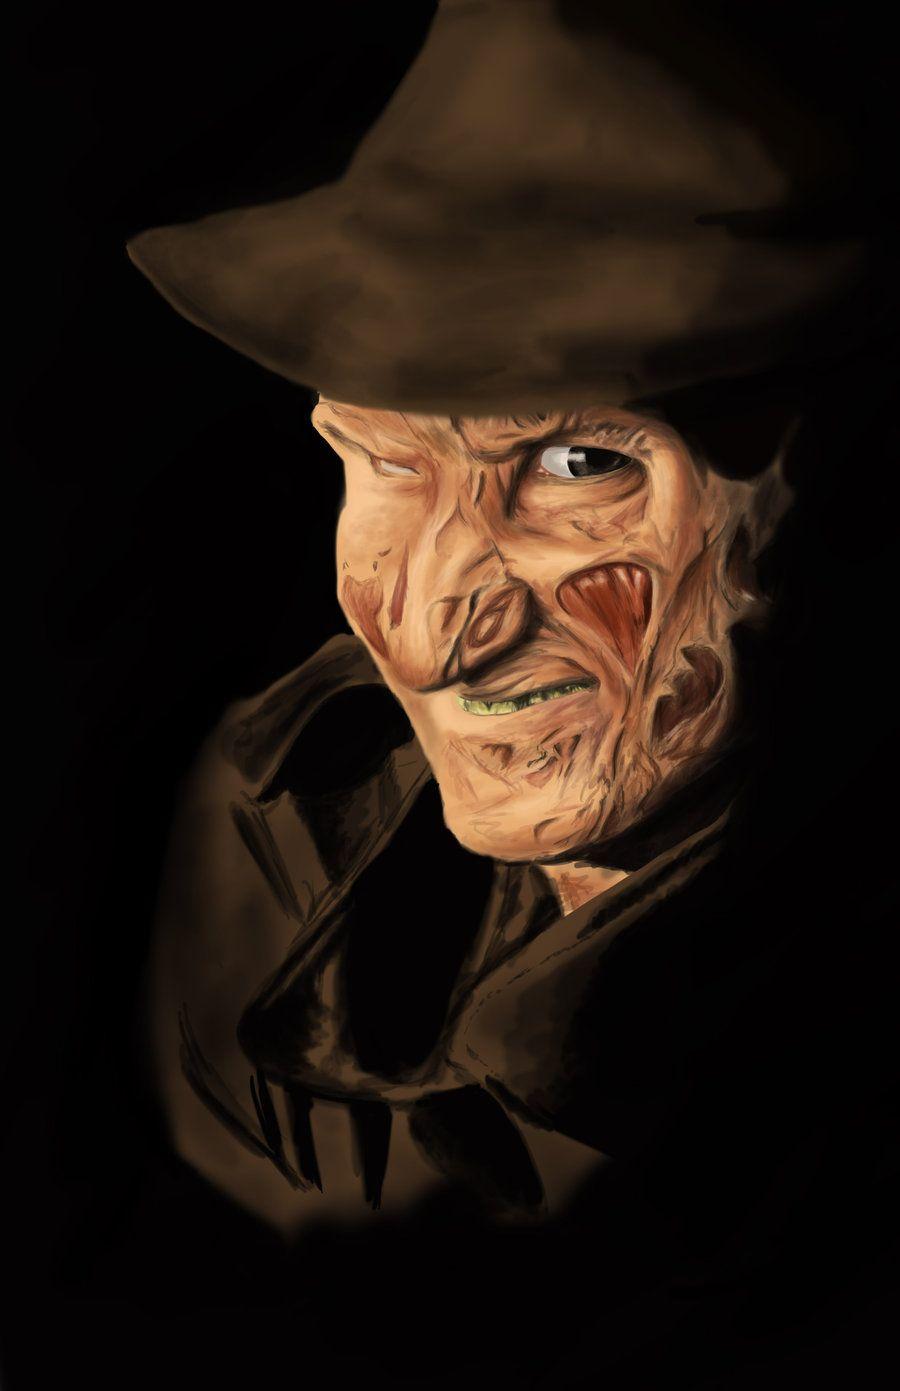 Diorama De Freddy Krueger Com A Qualidade Da Sideshow Collectibles